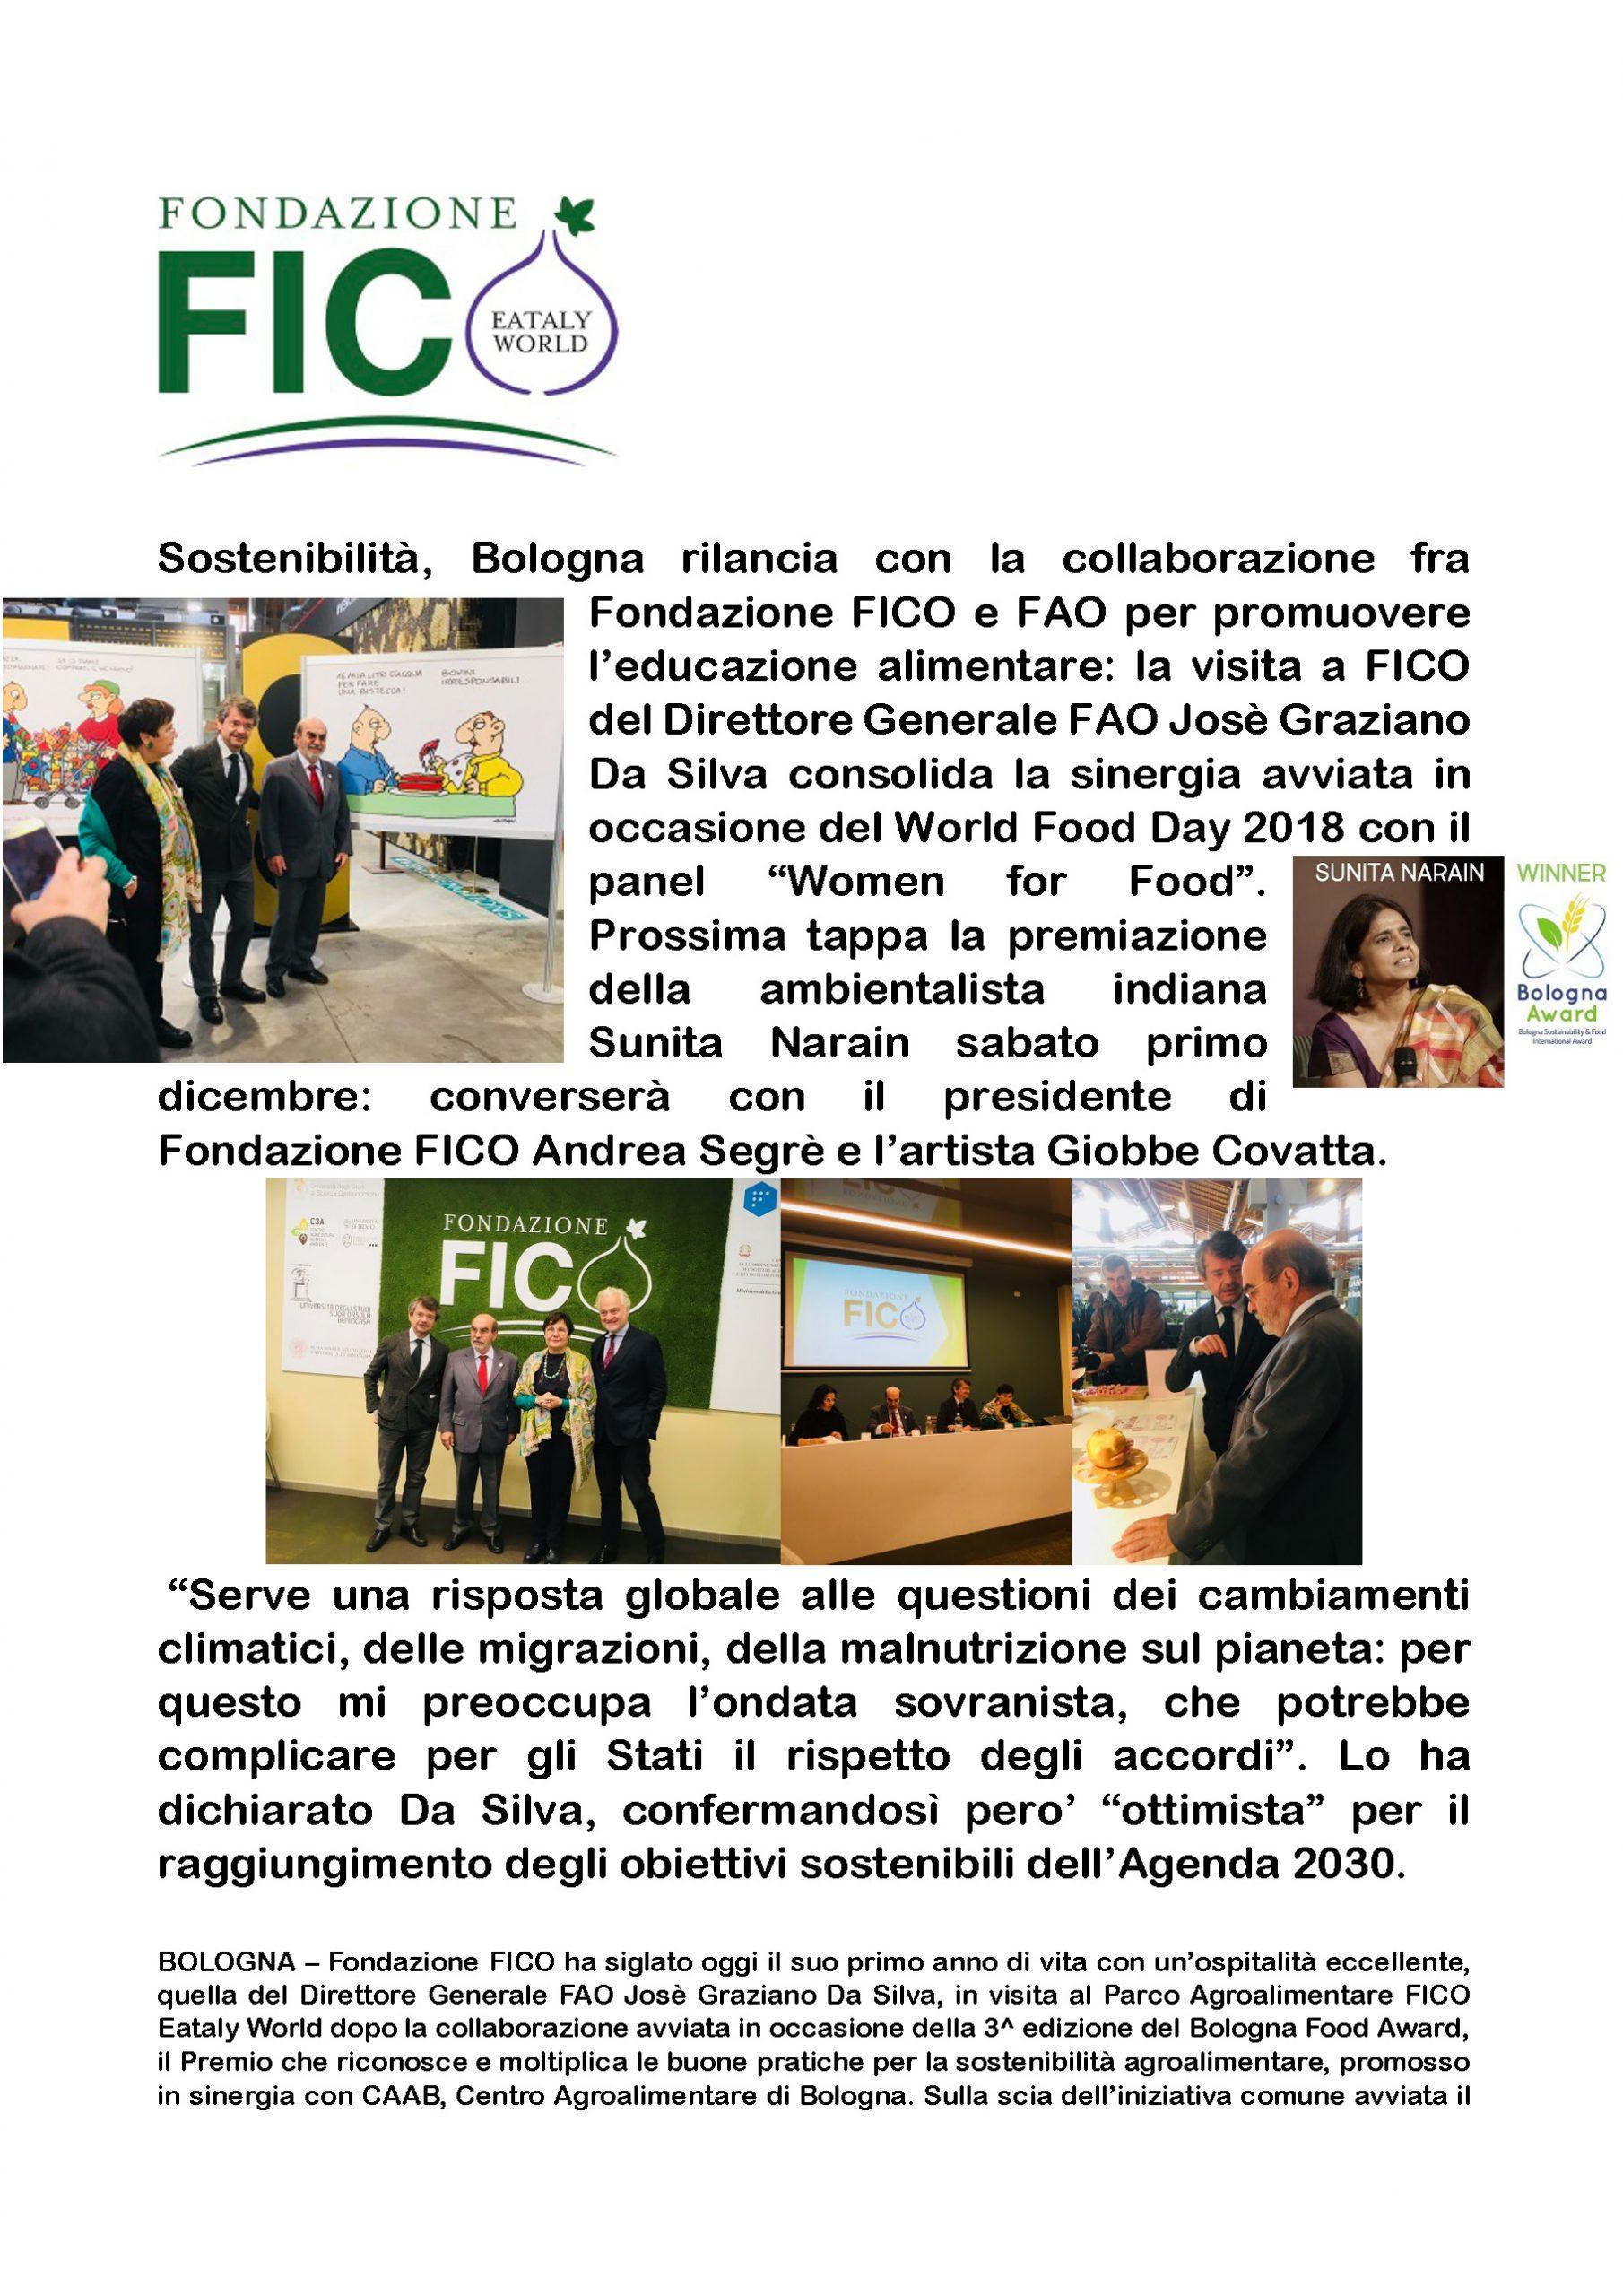 CS-0068-26-11-2018-FAO-A-FONDAZIONE-FICO_Pagina_1